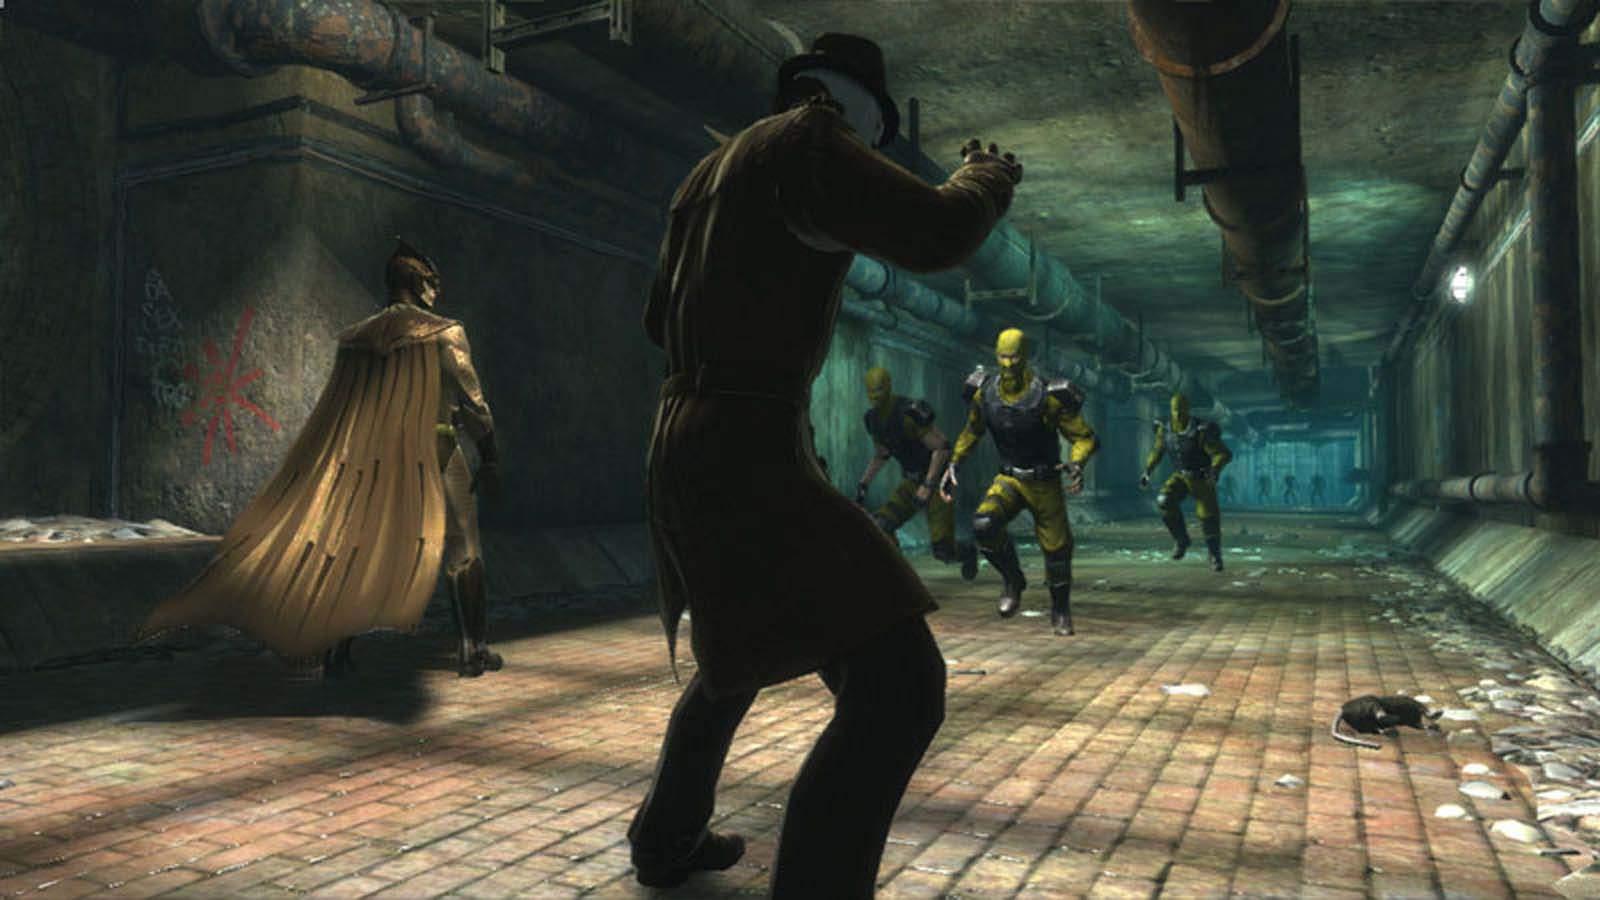 تحميل لعبة Watchmen The End Is Nigh مضغوطة كاملة بروابط مباشرة مجانا